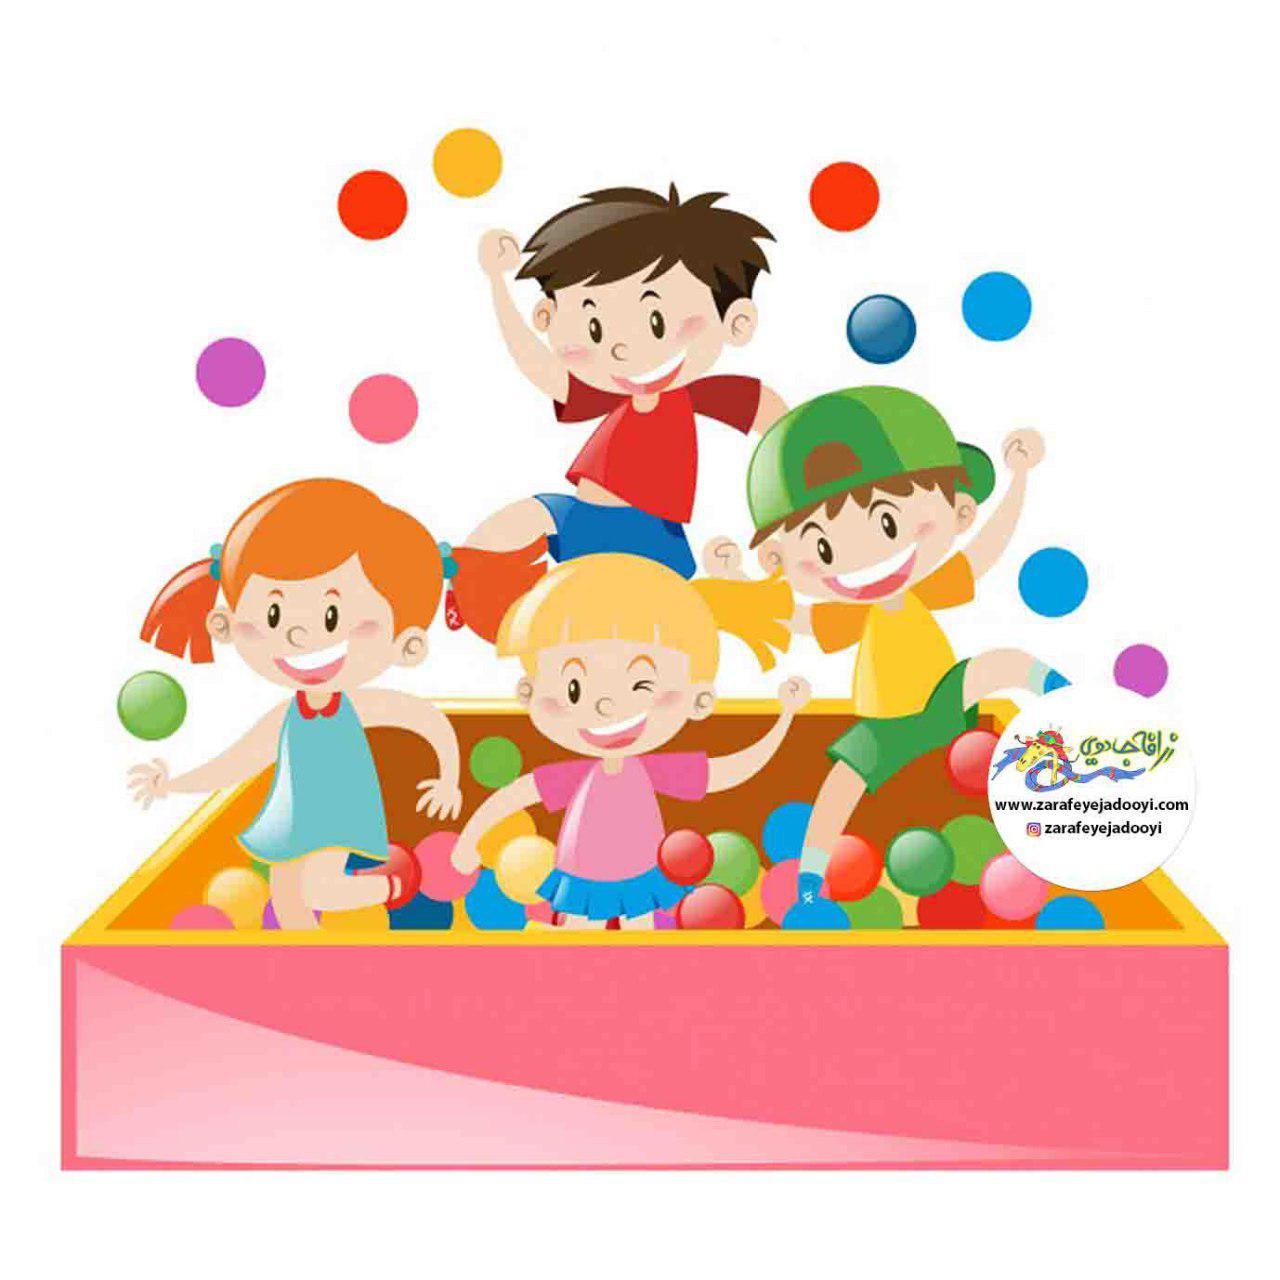 زرافه جادویی - بچه های دوستان